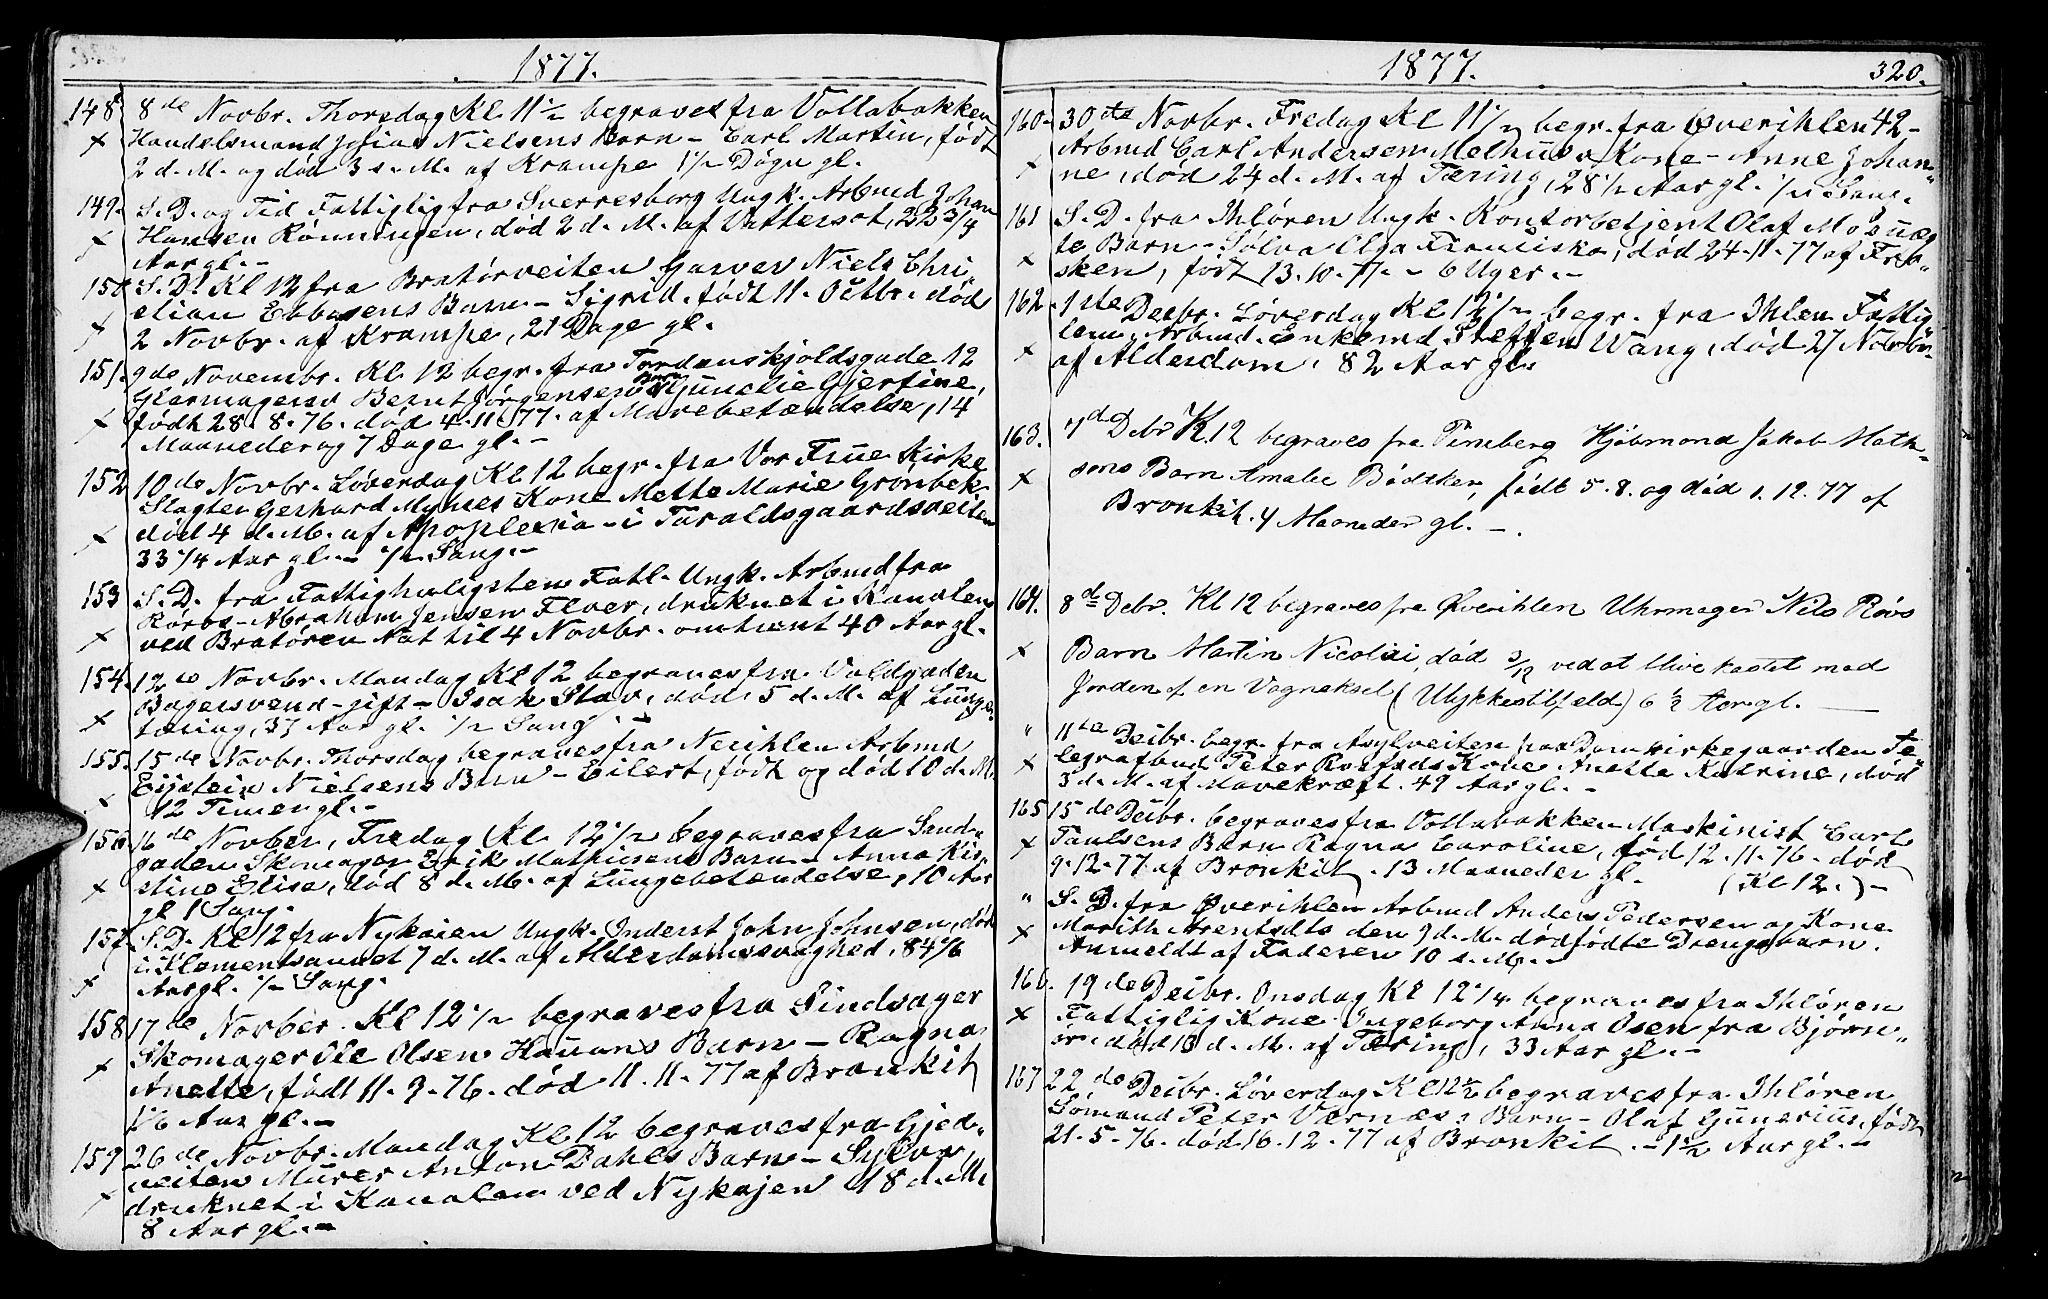 SAT, Ministerialprotokoller, klokkerbøker og fødselsregistre - Sør-Trøndelag, 602/L0142: Klokkerbok nr. 602C10, 1872-1894, s. 320